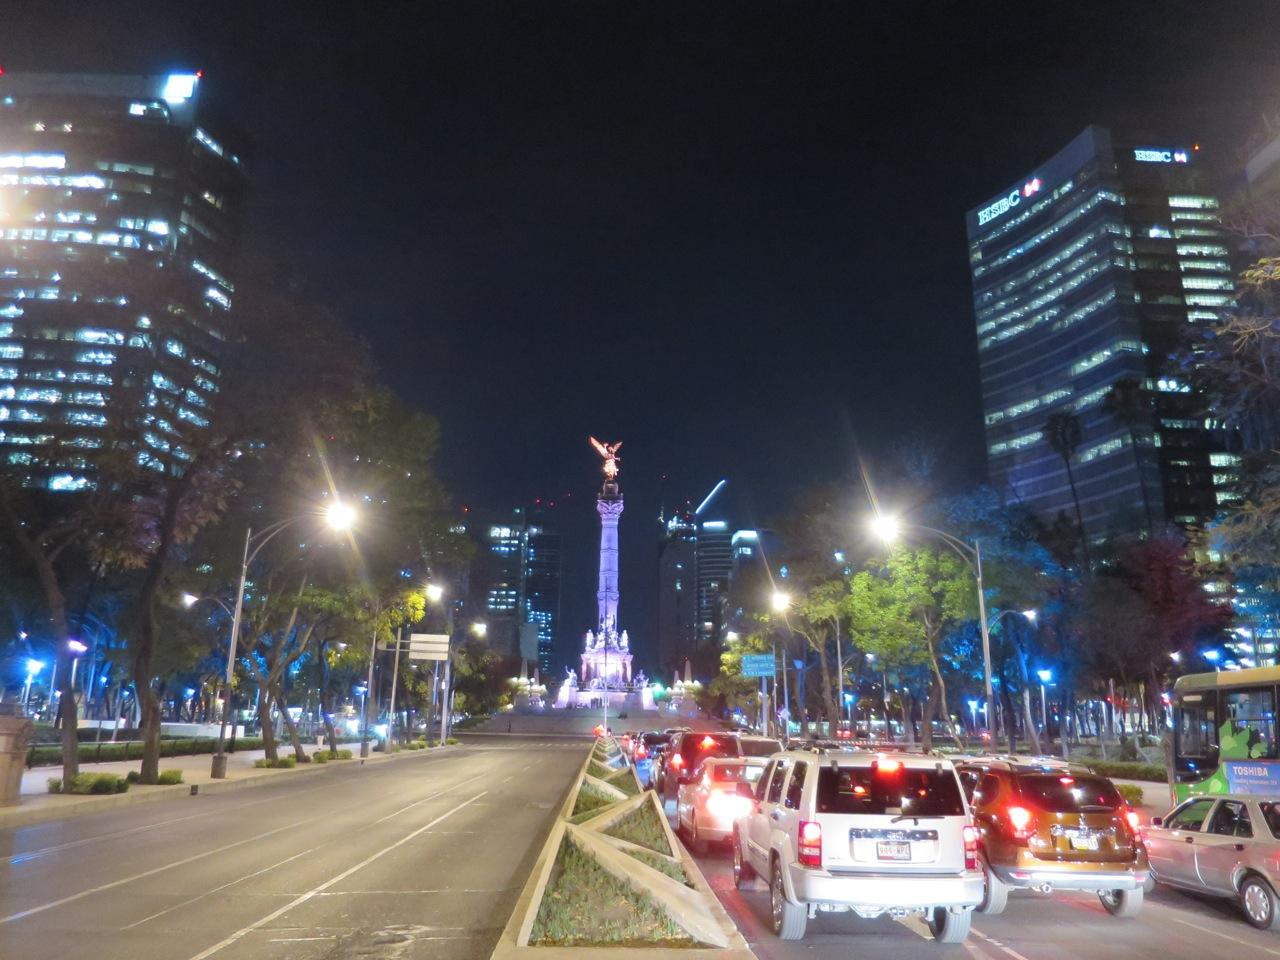 Mexico 1-27